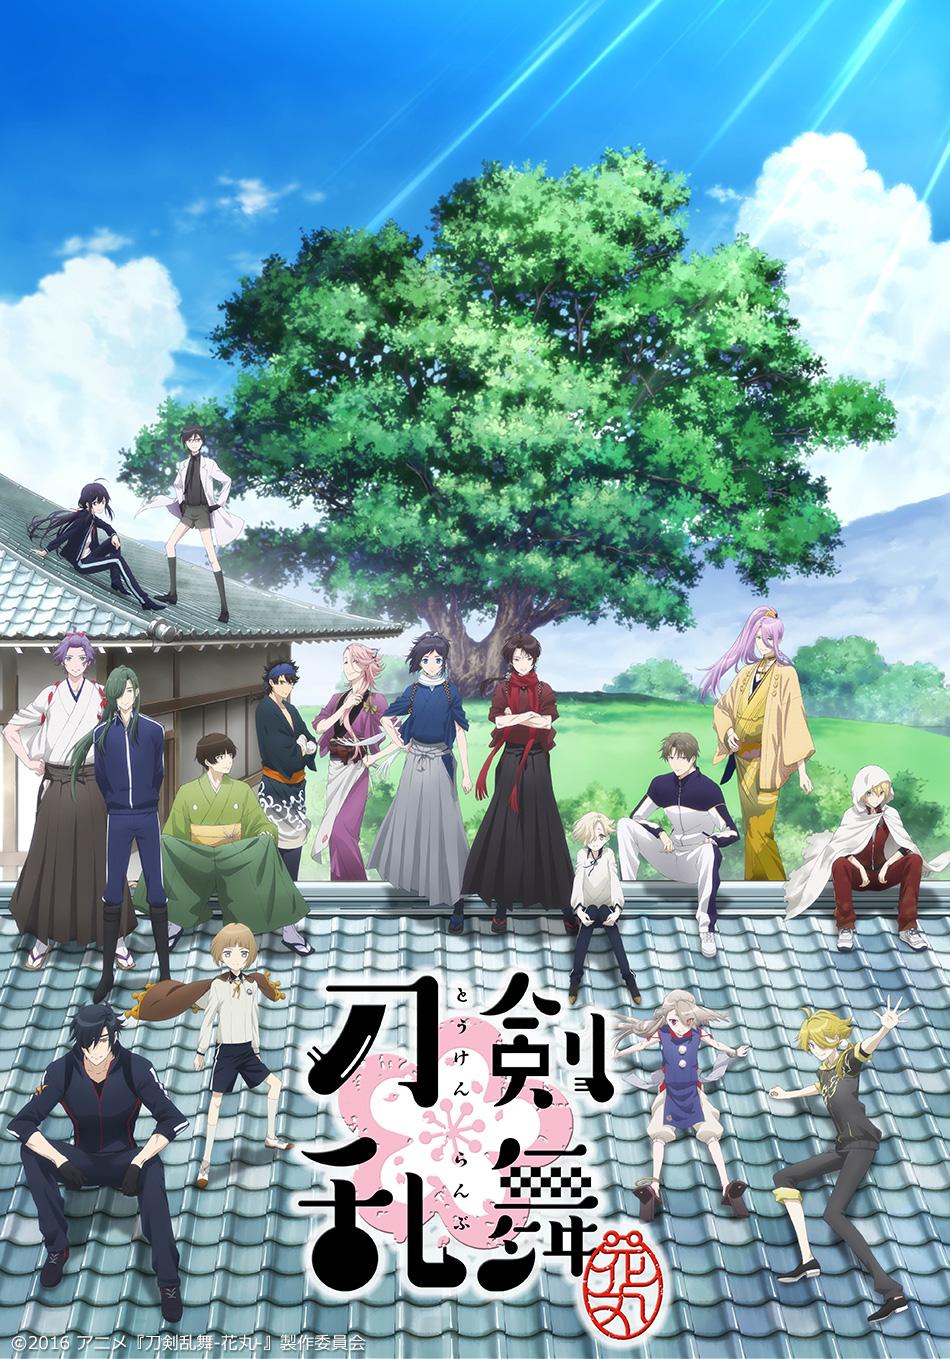 アニメ『刀剣乱舞-花丸-』アニメカラオケ